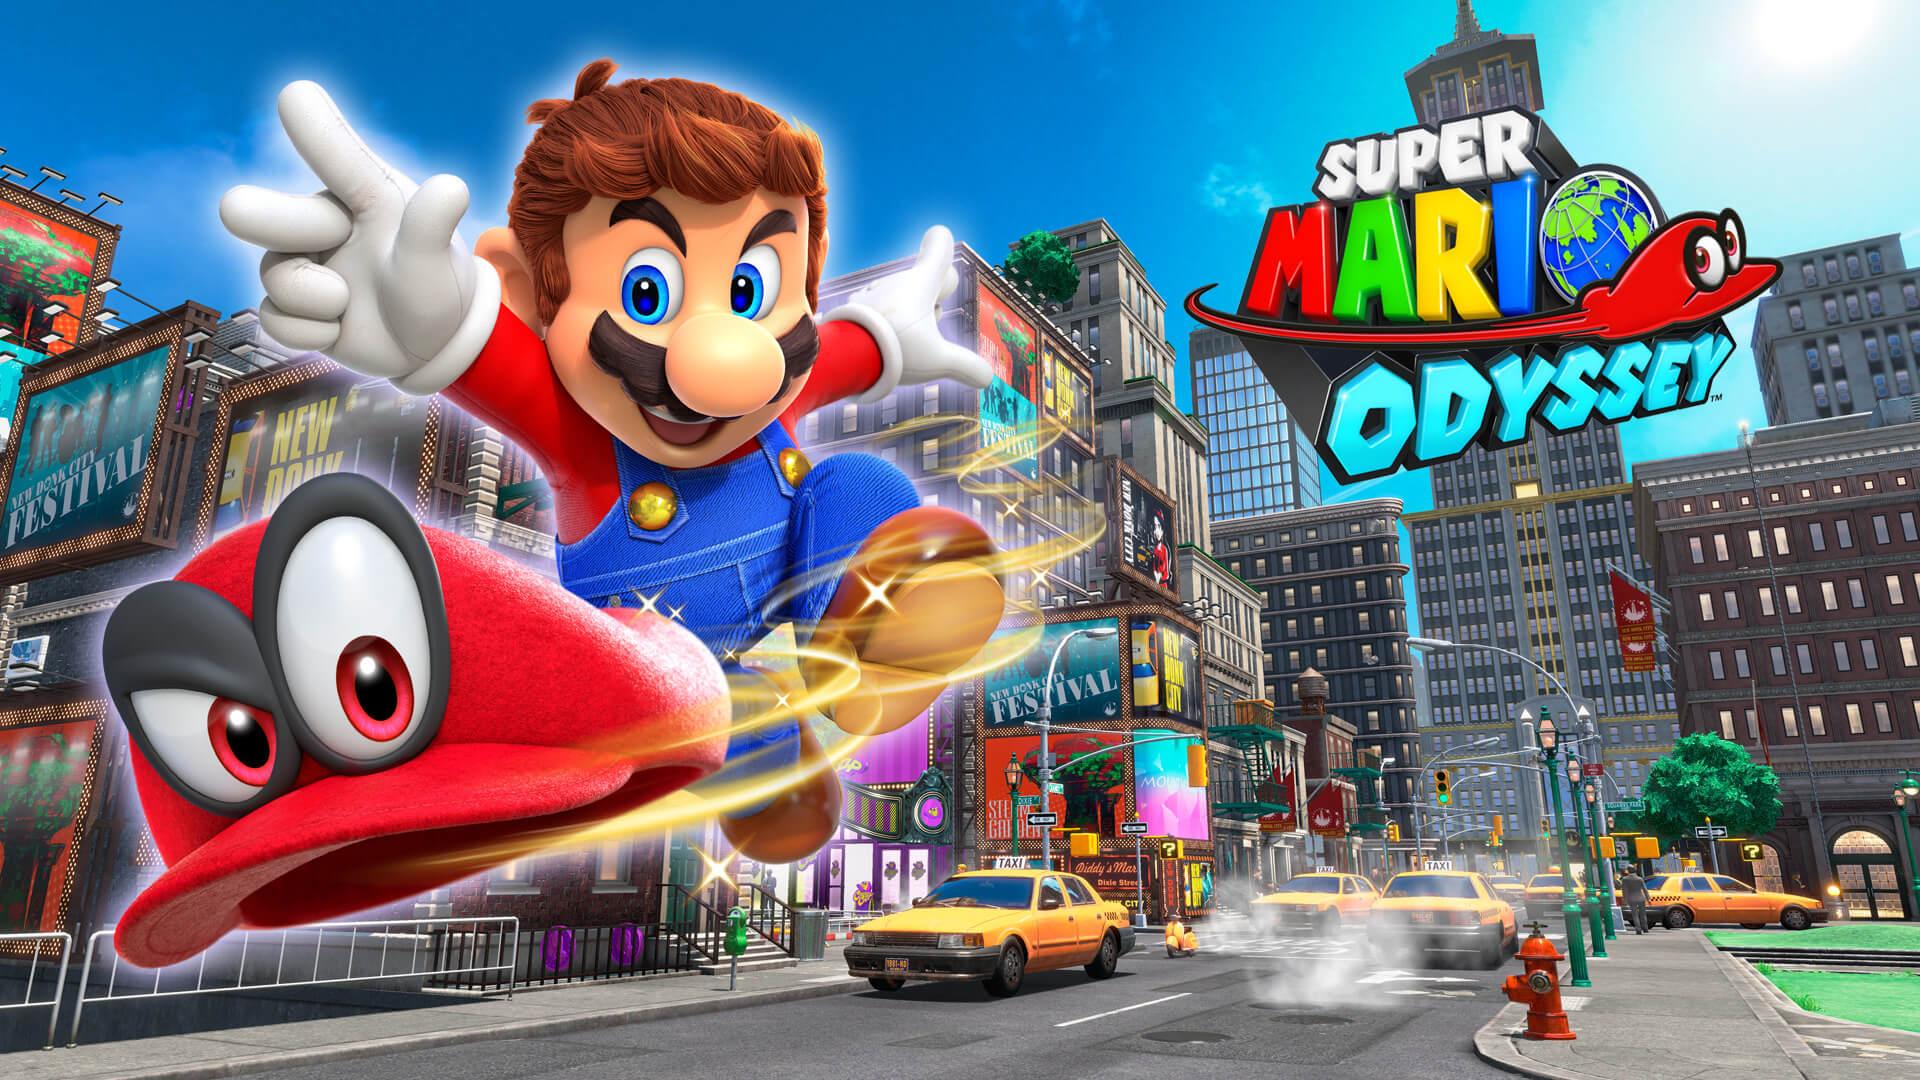 Эмулятор Yuzu для Nintendo Switch получил многоядерное обновление, значительно улучшающее производительность многих игр